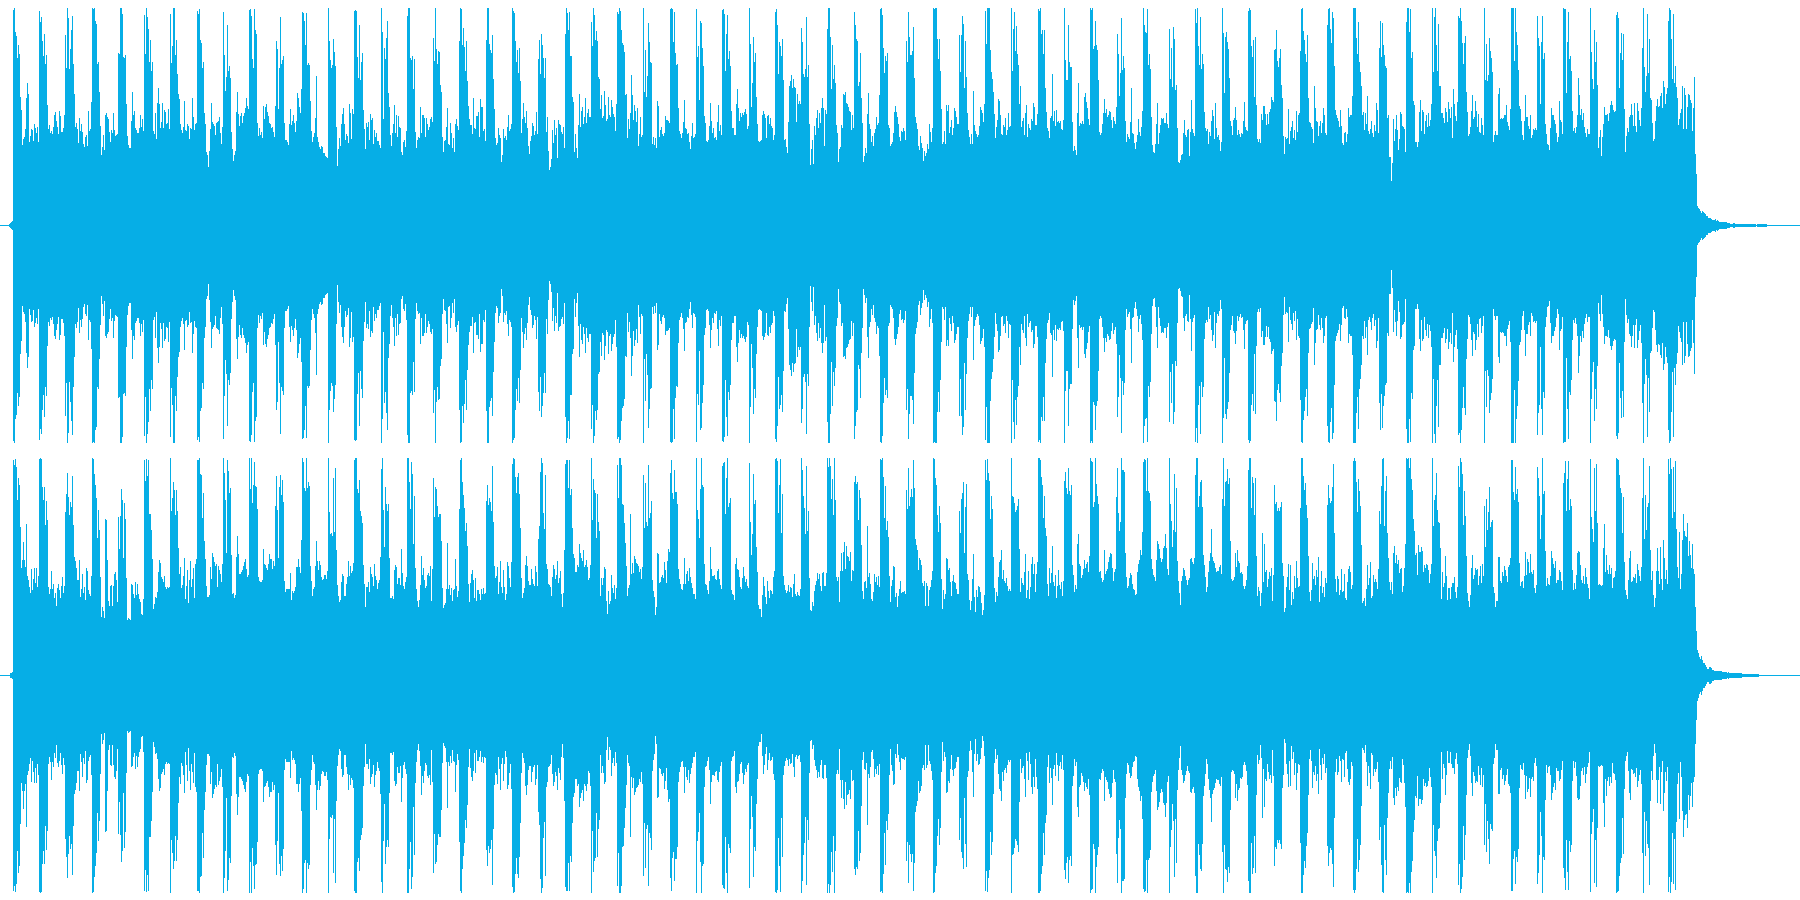 企業VP向け、爽やかポップ4つ打ち3-2の再生済みの波形